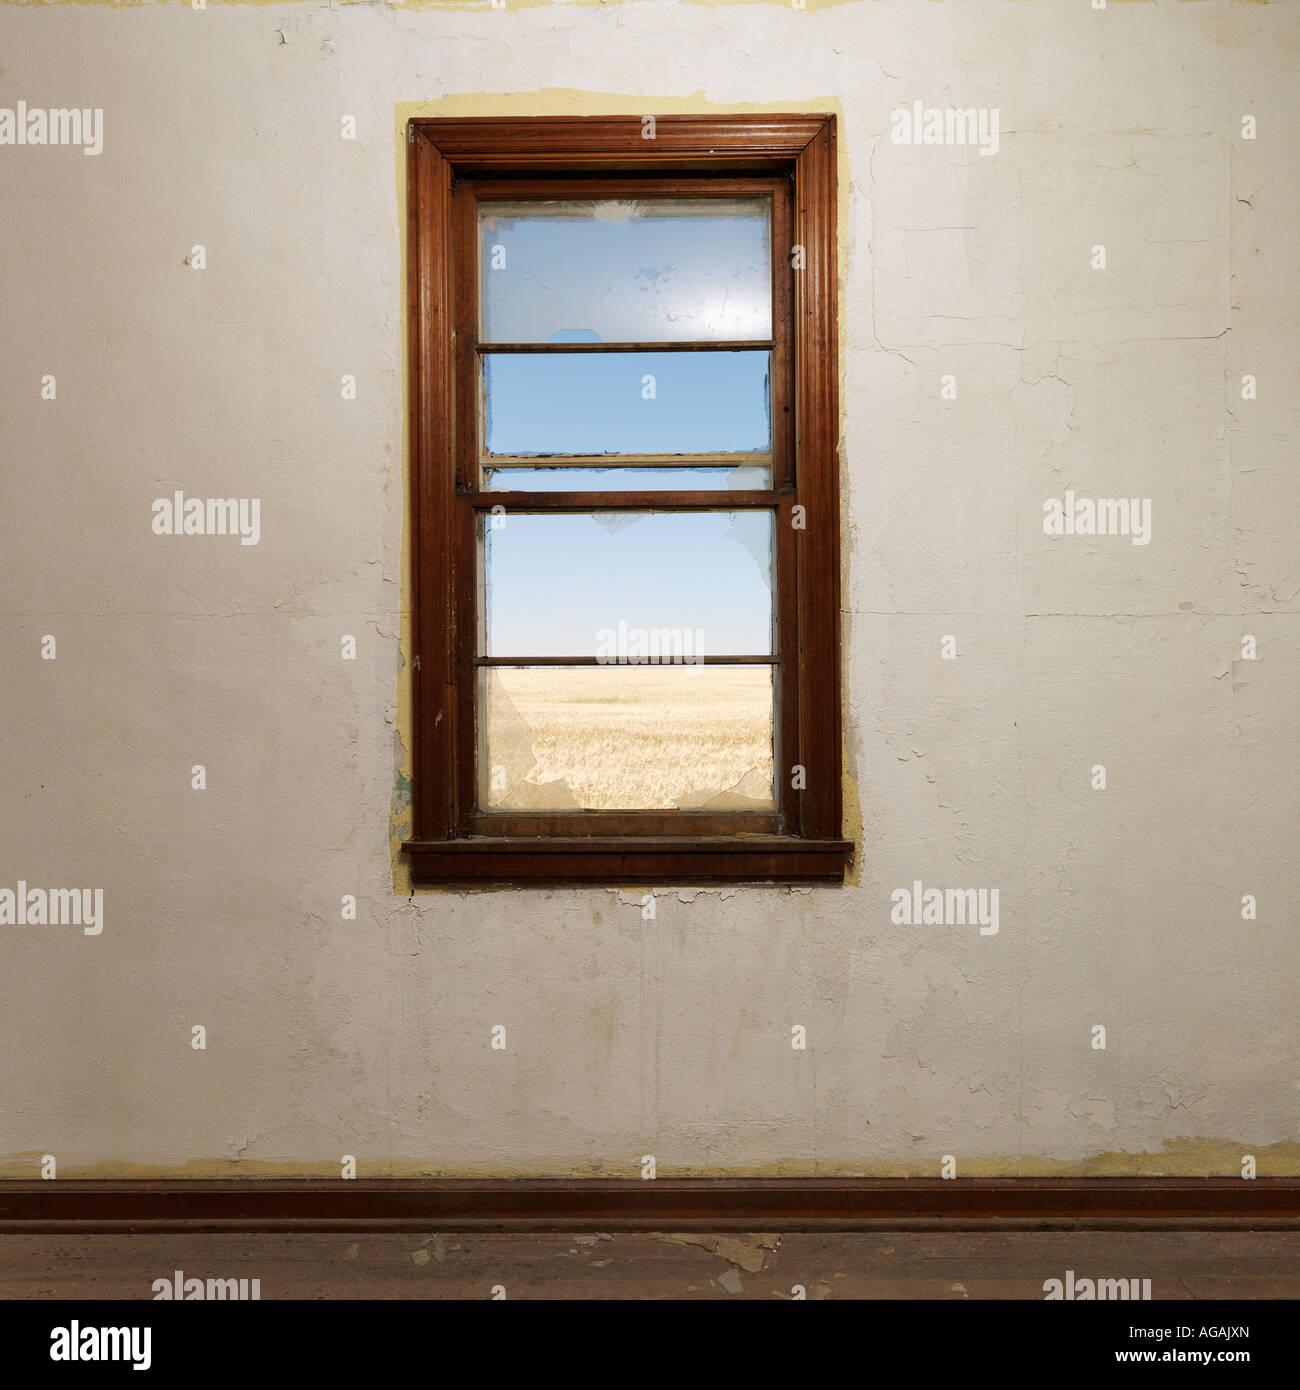 Svuotare la camera abbandonata con la vedova centrato sulla parete Immagini Stock